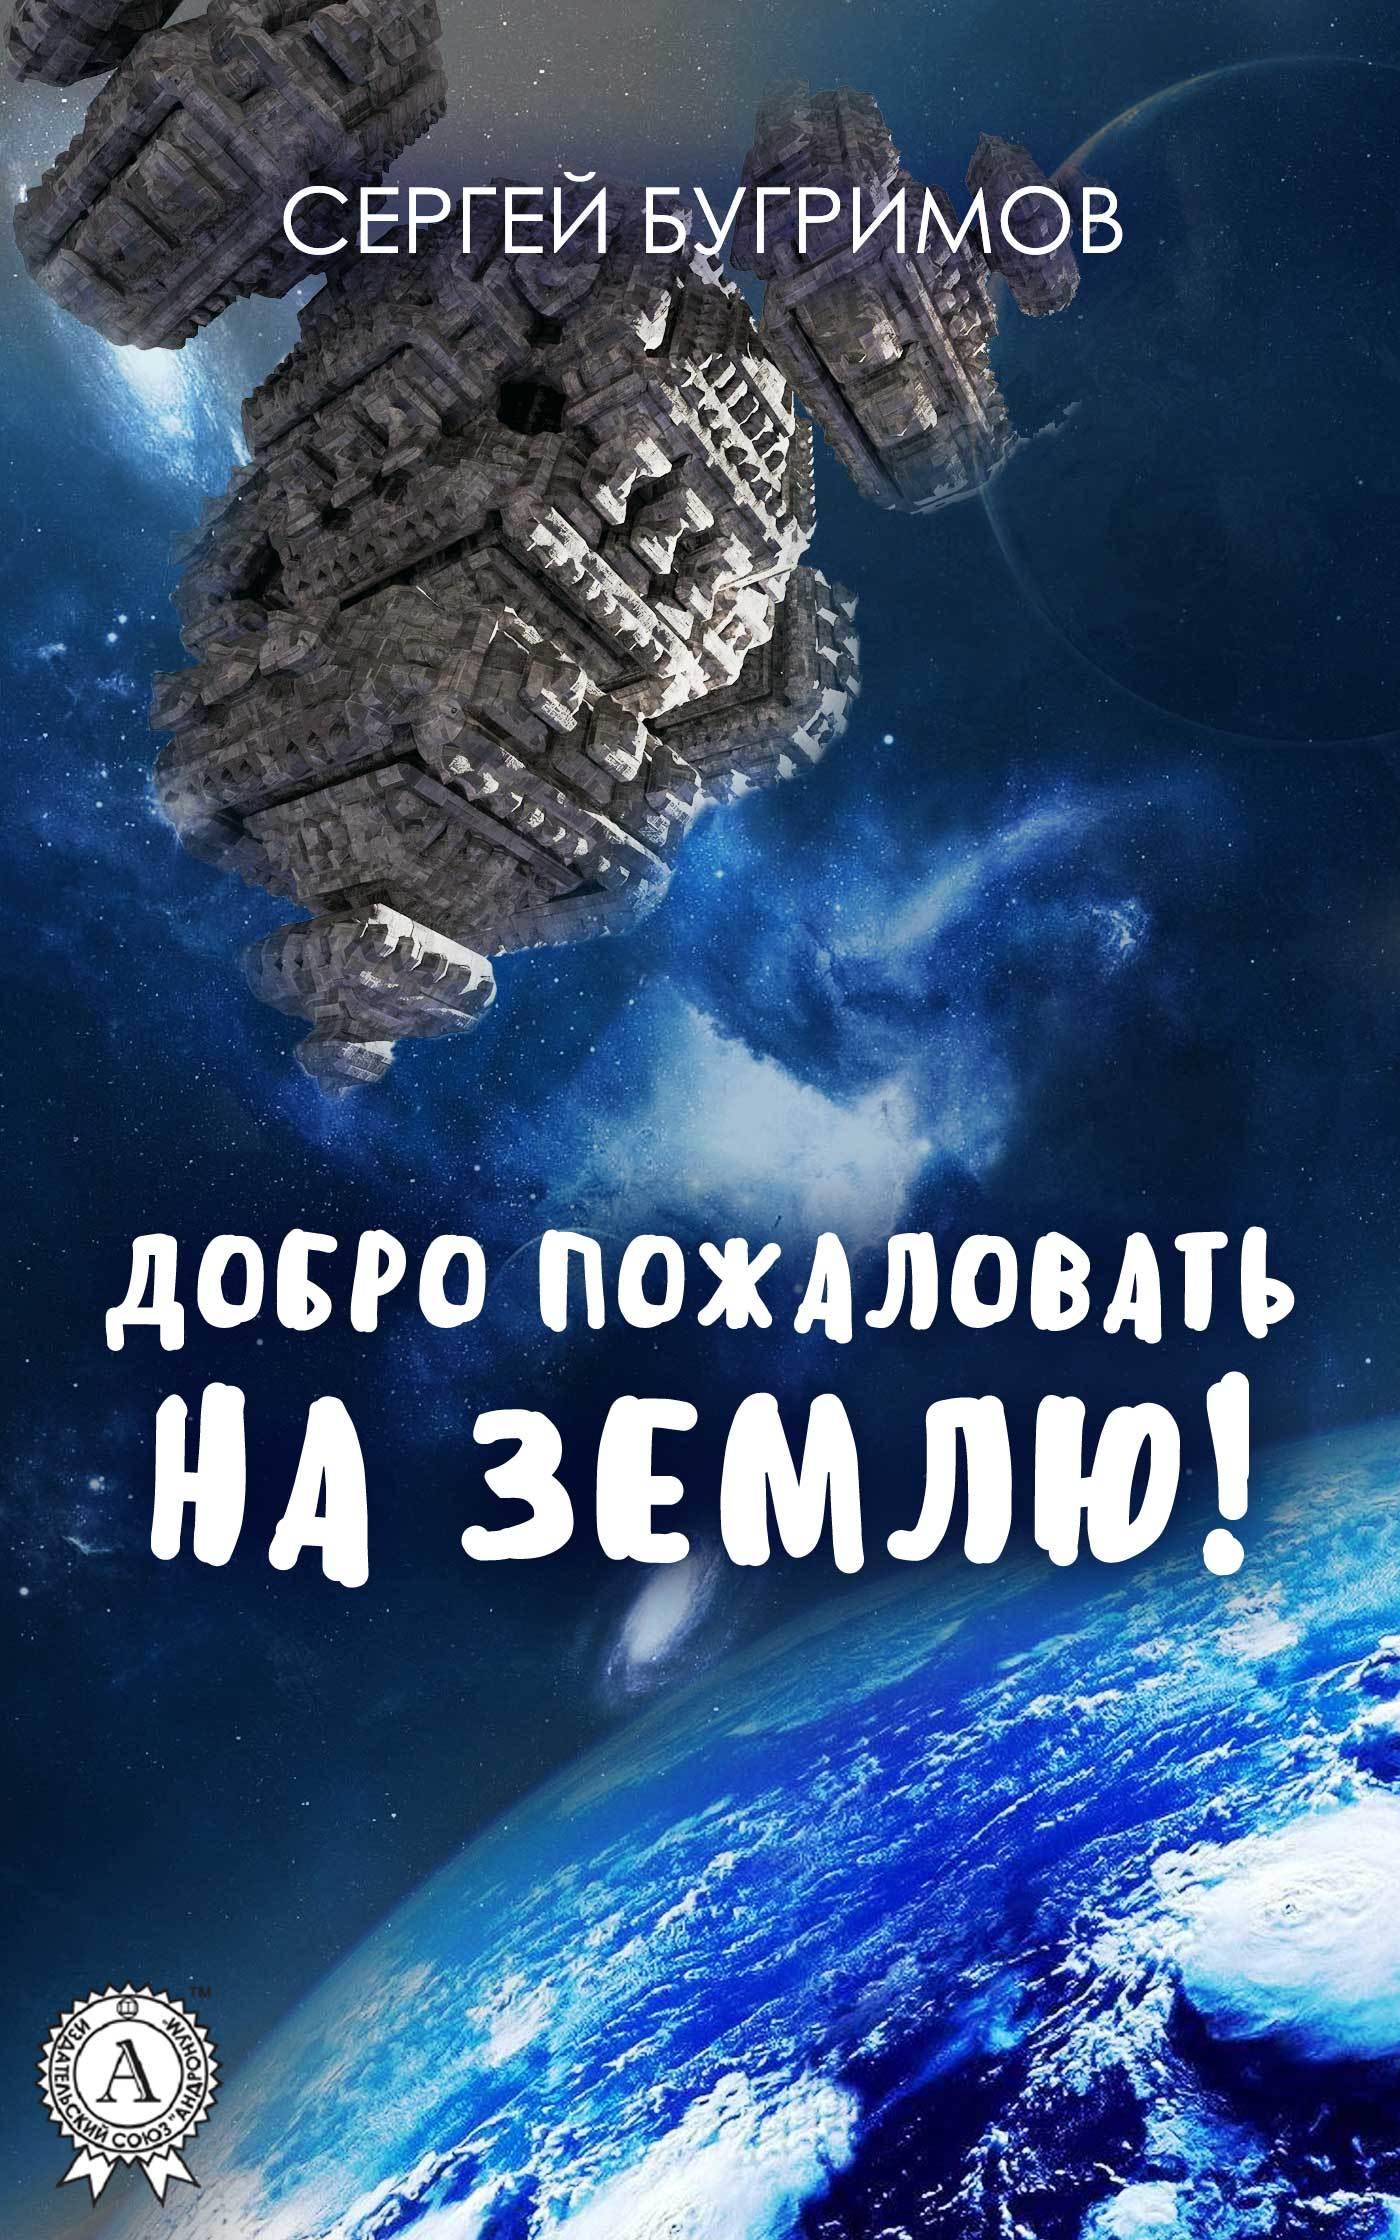 Сергей Бугримов - Добро пожаловать на Землю!